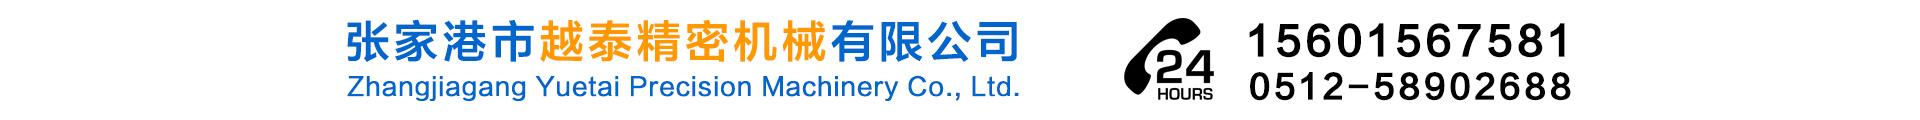 张家港市越泰精密机械有限公司